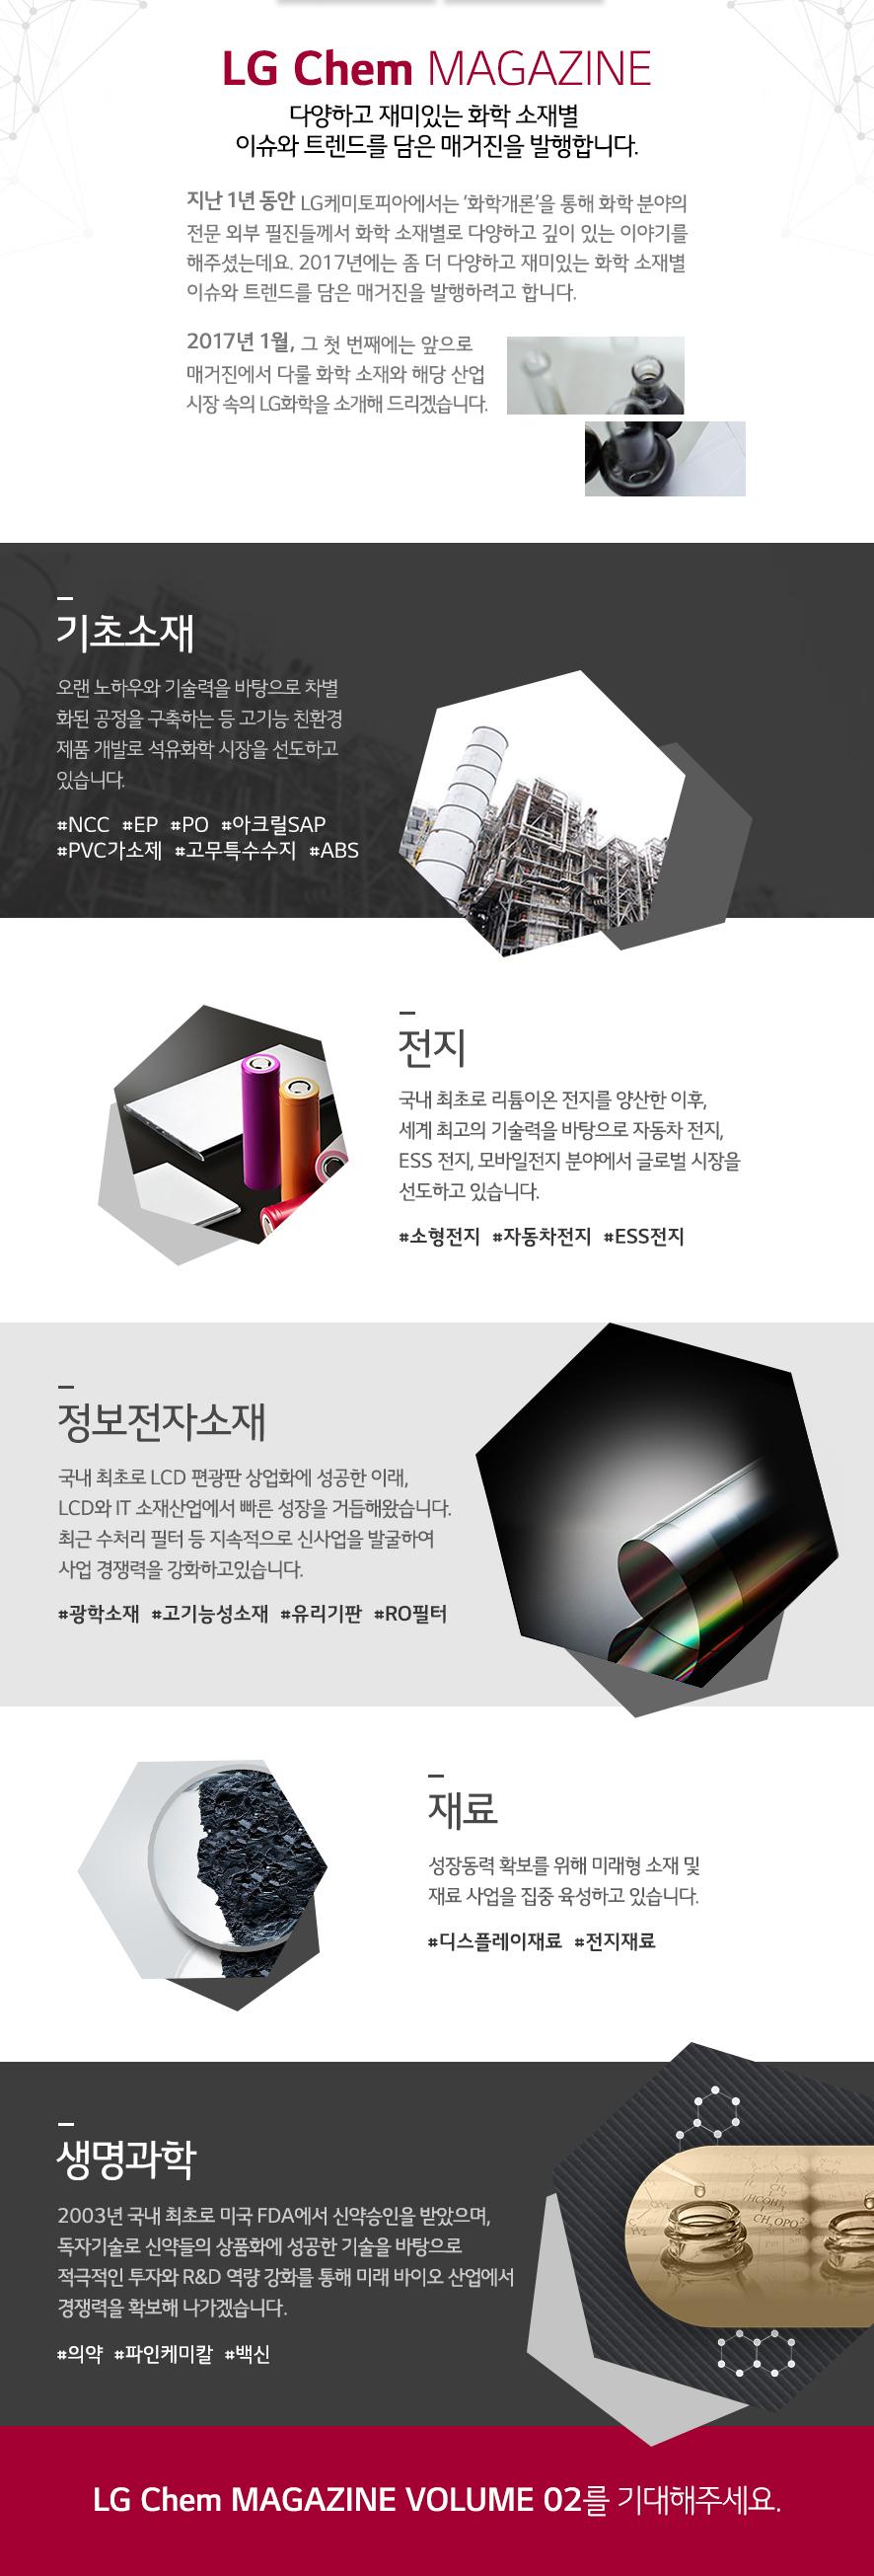 LG Chem MAGAZINE  - 다양하고 재미있는 화학 소재별 이슈와 트렌드를 담은 매거진을 발행합니다.-하단 상세내용 참조